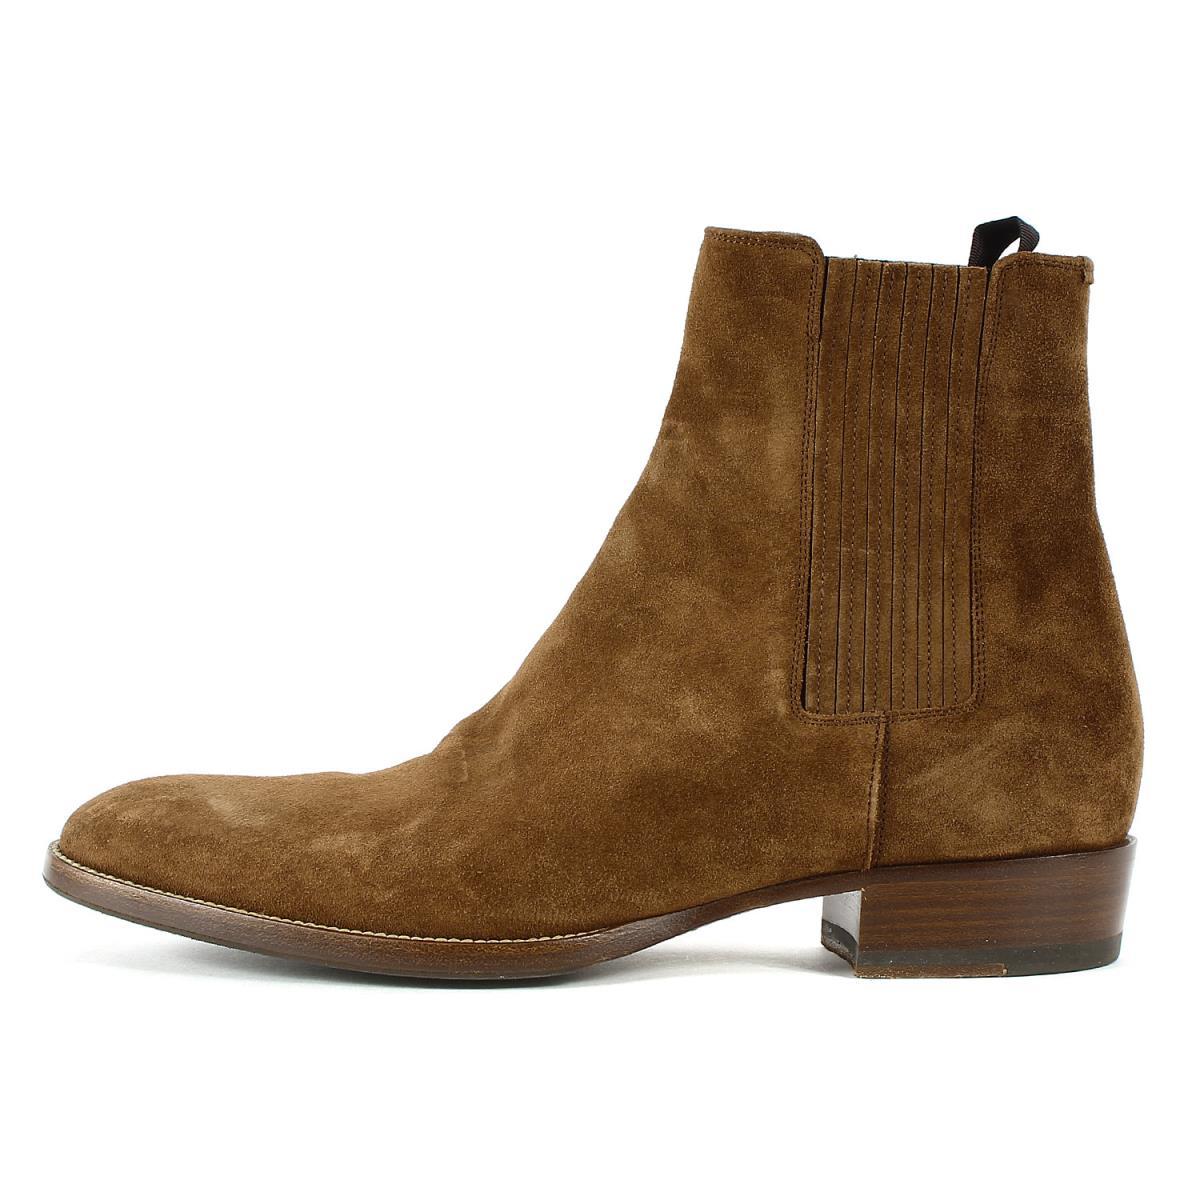 ブーツ, サイドゴア SAINT LAURENT PARIS 532806 41 K2616